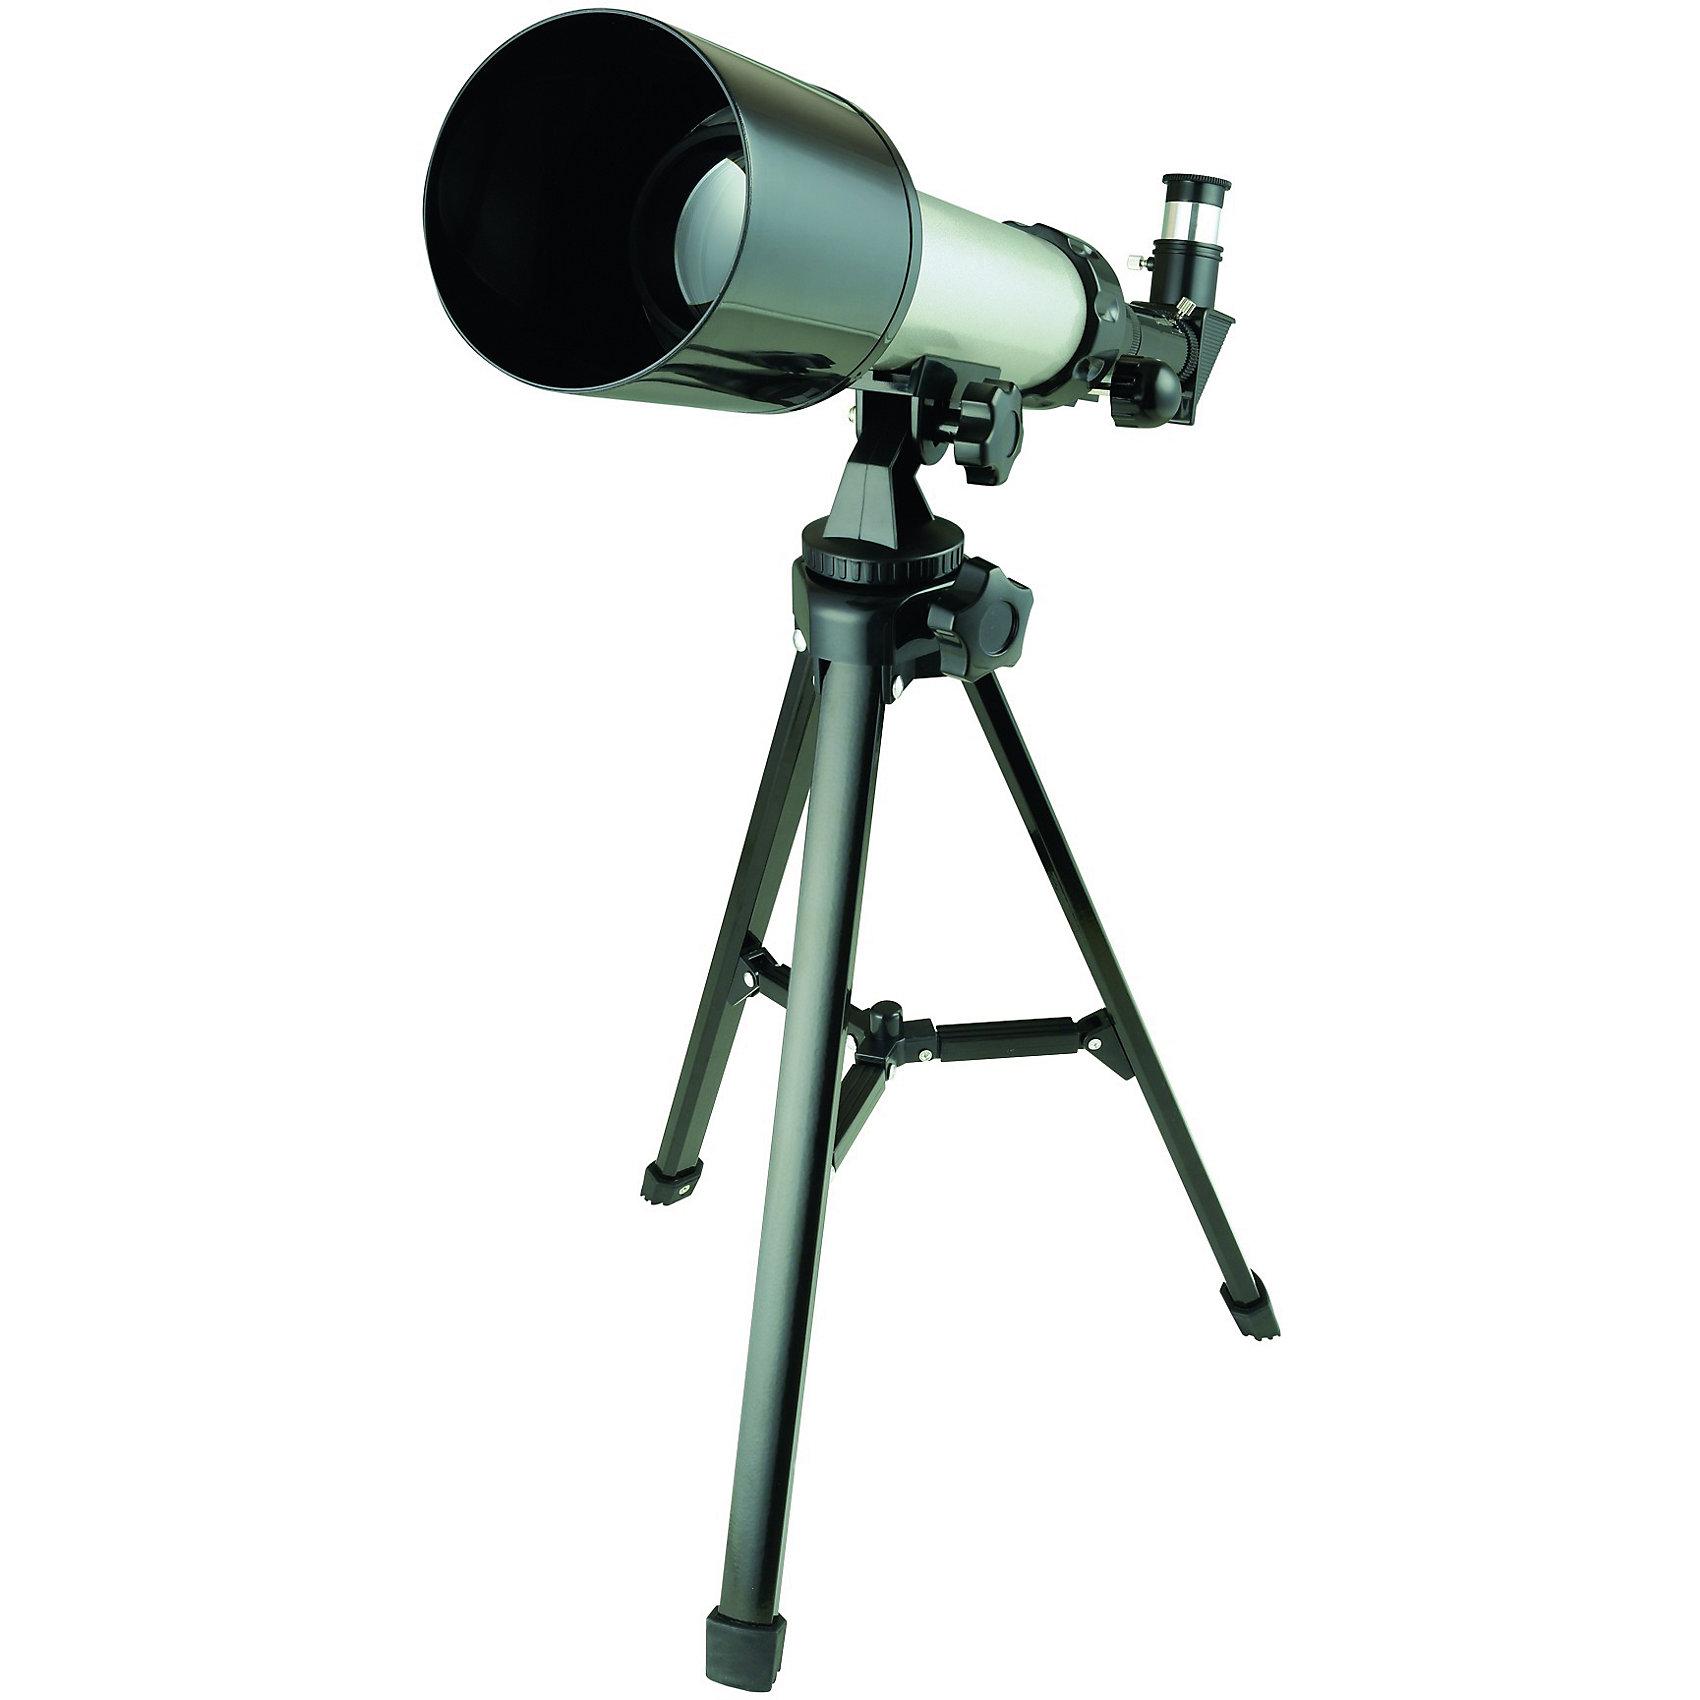 Телескоп, Edu-toysТелескопы<br>Это восхитительный и один из лучших в своем сегменте телескоп, который перенесет вашего ребенка в далекий и неизведанный мир космоса, покажет разнообразные созвездия и звезды, поможет изучить планеты: Плутон, Меркурий, Венера, Марс, а также Большую медведицу и Малую - список может быть бесконечным.<br><br>Также, ваш ребенок сможет наблюдать за главным спутником Земли - Луной, изучить известные всему миру кратеры, увидеть её во всей красе в полнолуние или любоваться на молодой месяц. Астрономия - одна из самых загадочных и прекрасных наук. Если Вам повезло и она стала для Вас любимым хобби, то такой аппарат как телескоп - просто необходимость в доме.<br><br>Технические характеристики:<br><br>- Корпус телескопа 65 см;<br>- Линза объектива 50 мм;<br>- Трубка окуляра с Zoom-ом;<br>- Ручка регулировки;<br>- Линзы 45/40 мм;<br>- Тренога 45 см.<br><br>Тип: рефрактор.<br>Оптическая схема: ахромат.<br>Тип монтировки: штатив.<br>Диаметр объектива: до 60 мм.<br><br>Ширина мм: 450<br>Глубина мм: 80<br>Высота мм: 320<br>Вес г: 1200<br>Возраст от месяцев: 96<br>Возраст до месяцев: 192<br>Пол: Унисекс<br>Возраст: Детский<br>SKU: 4794974